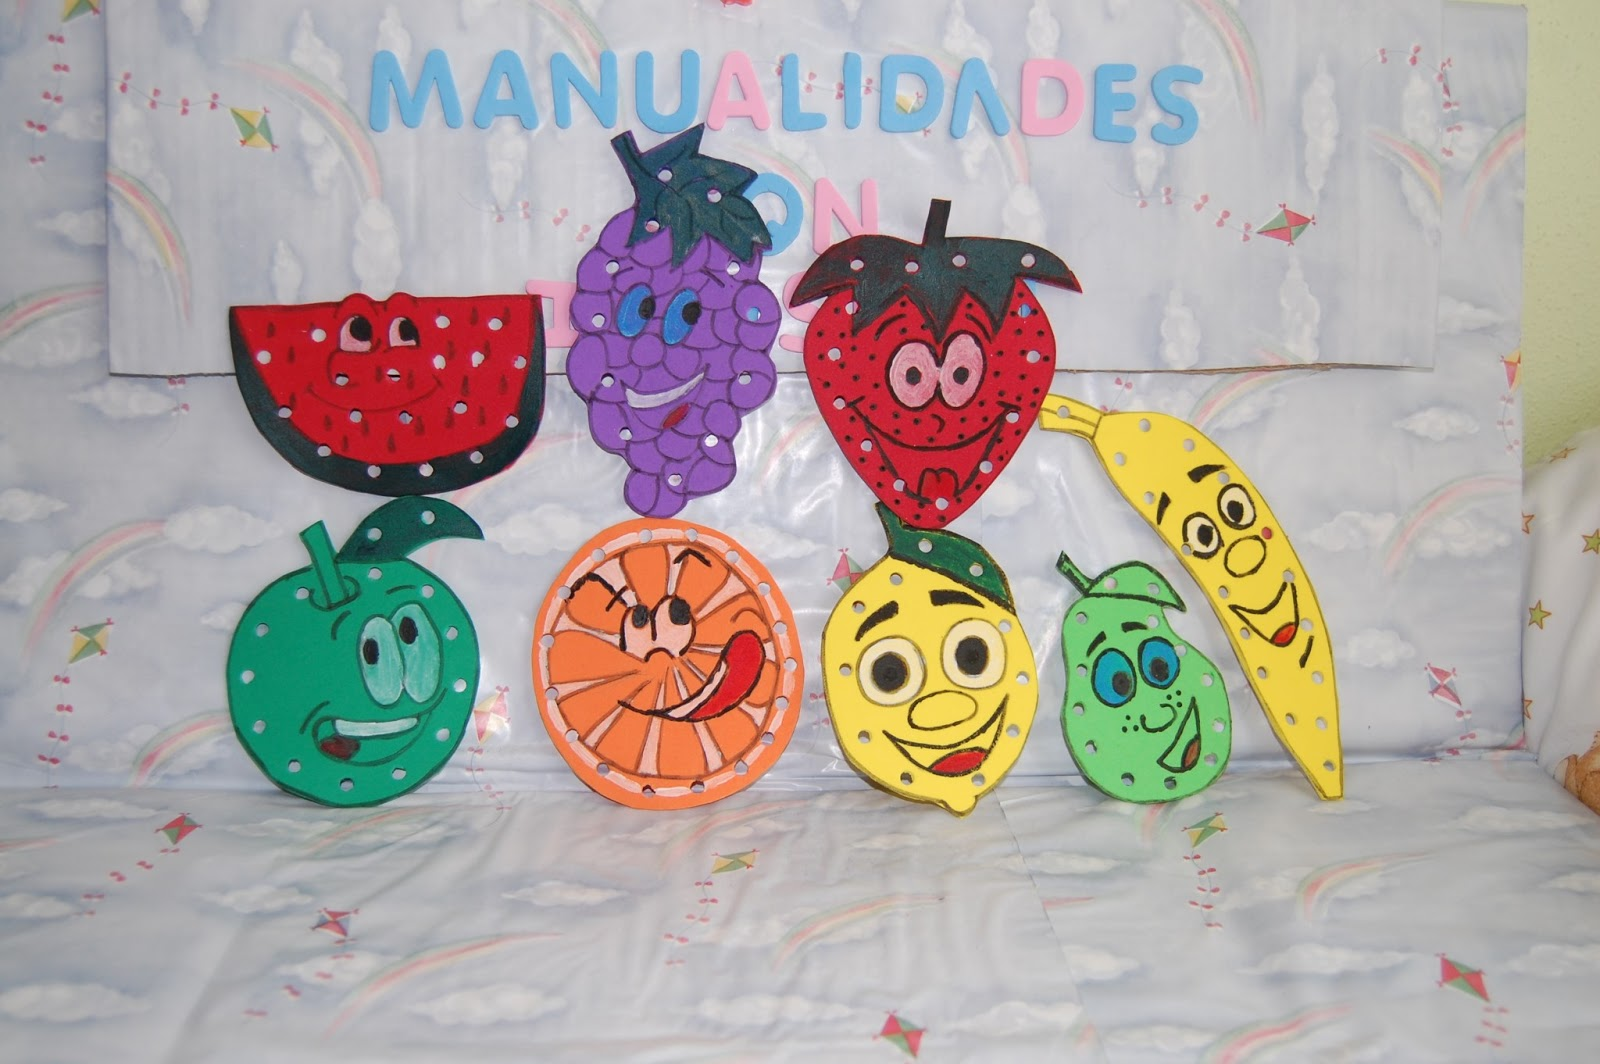 Manualidades Con Ilusion Coser Frutas - Manualidades-con-frutas-para-nios